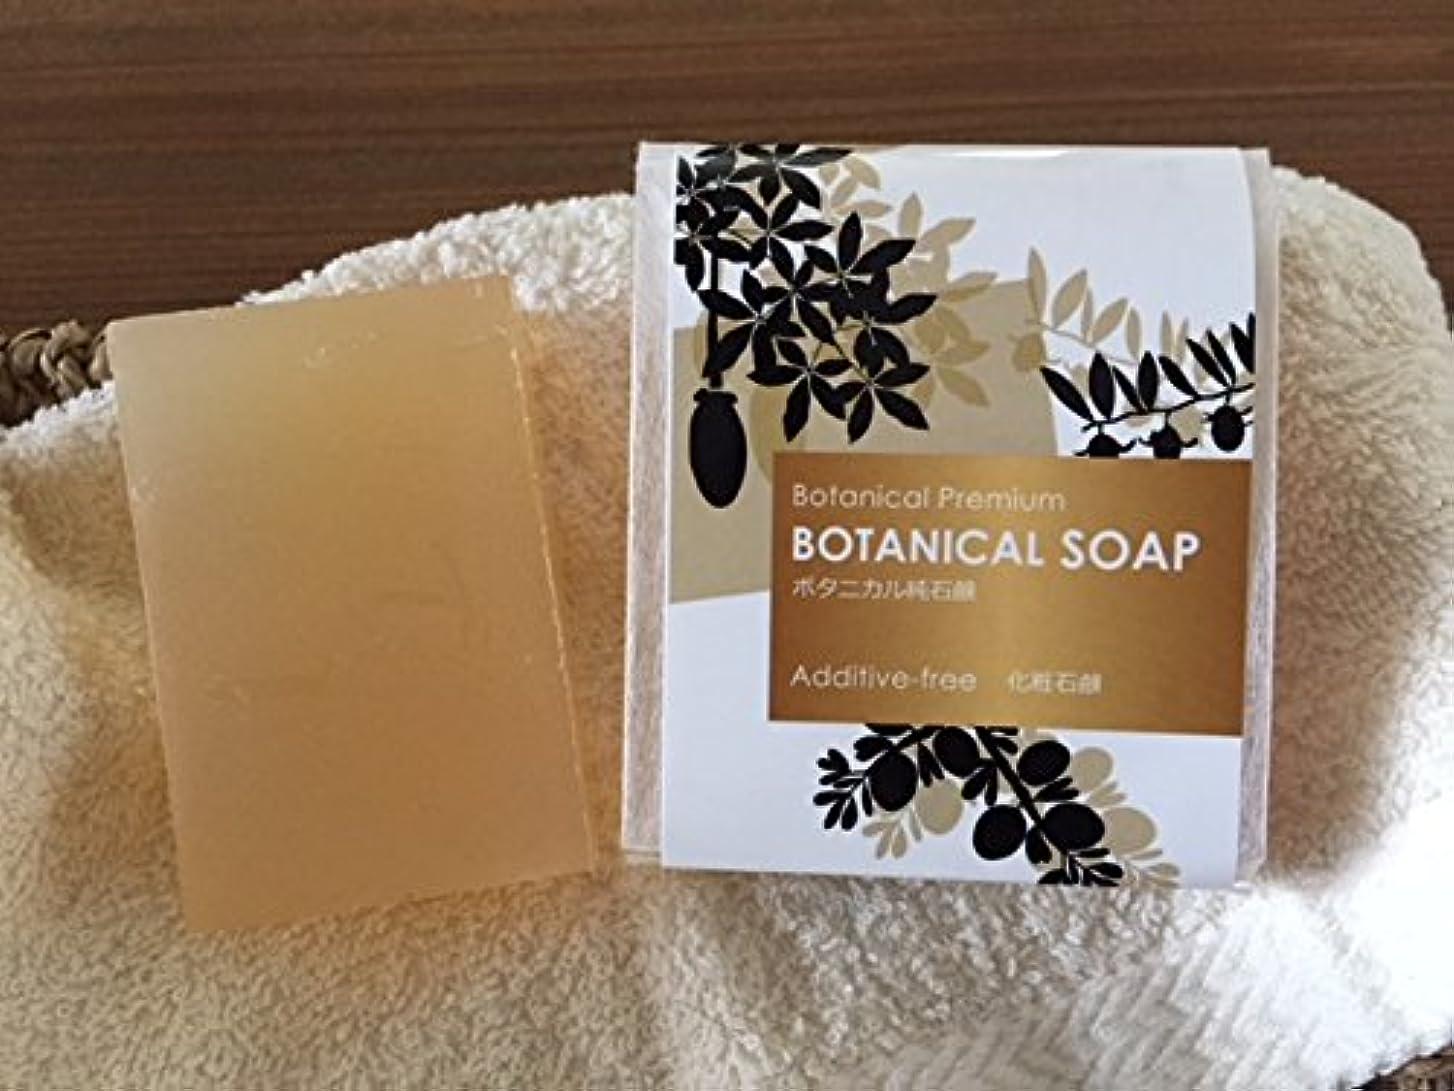 追跡含めるある「ボタニカル純石鹸 BOTANICAL PREMIUM」 BOTANICAL PREMIUM Series 無添加手づくり釜焚き石鹸 天使の石鹸